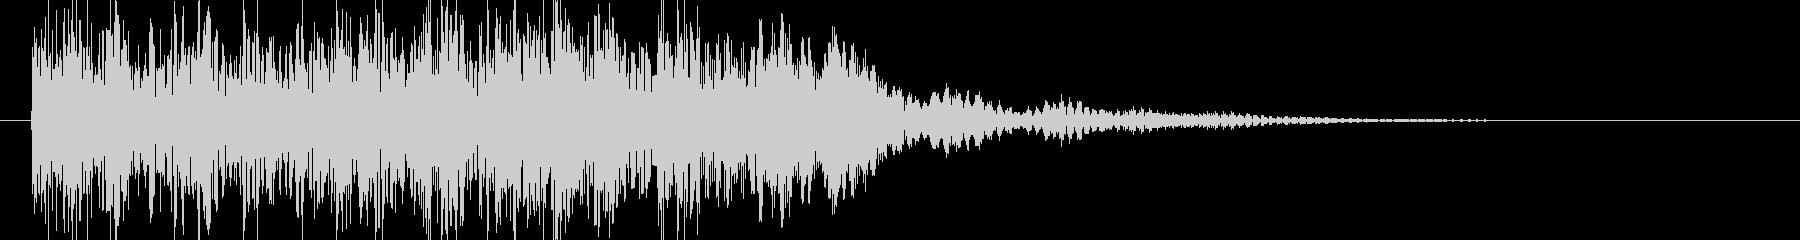 和太鼓の未再生の波形